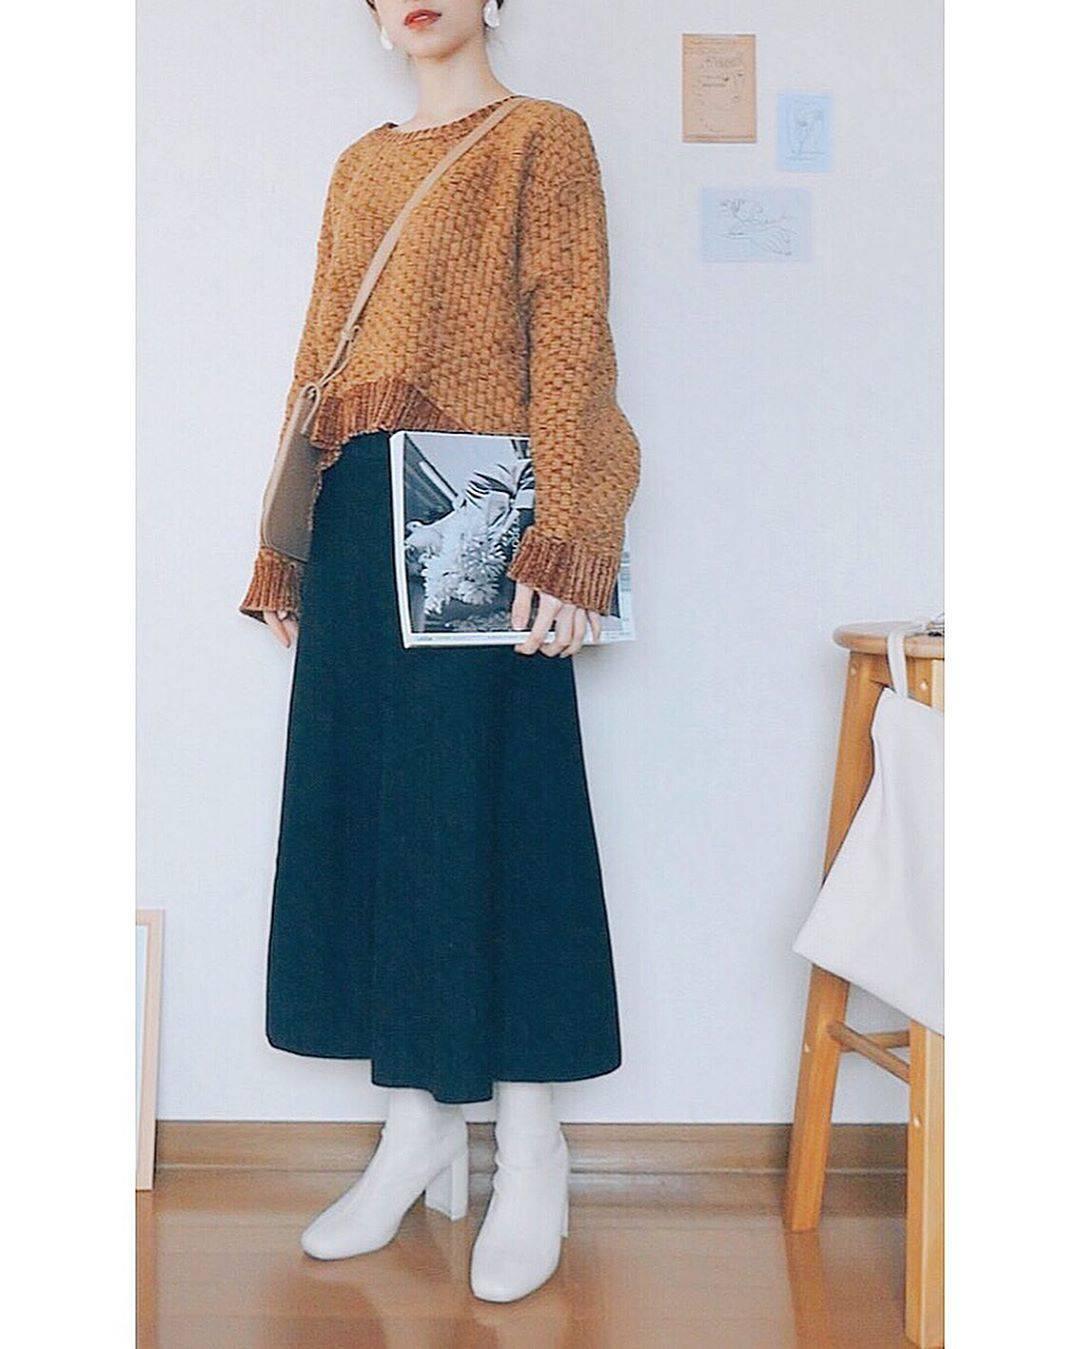 最高気温16度・最低気温5度 natsu_outfitsの服装